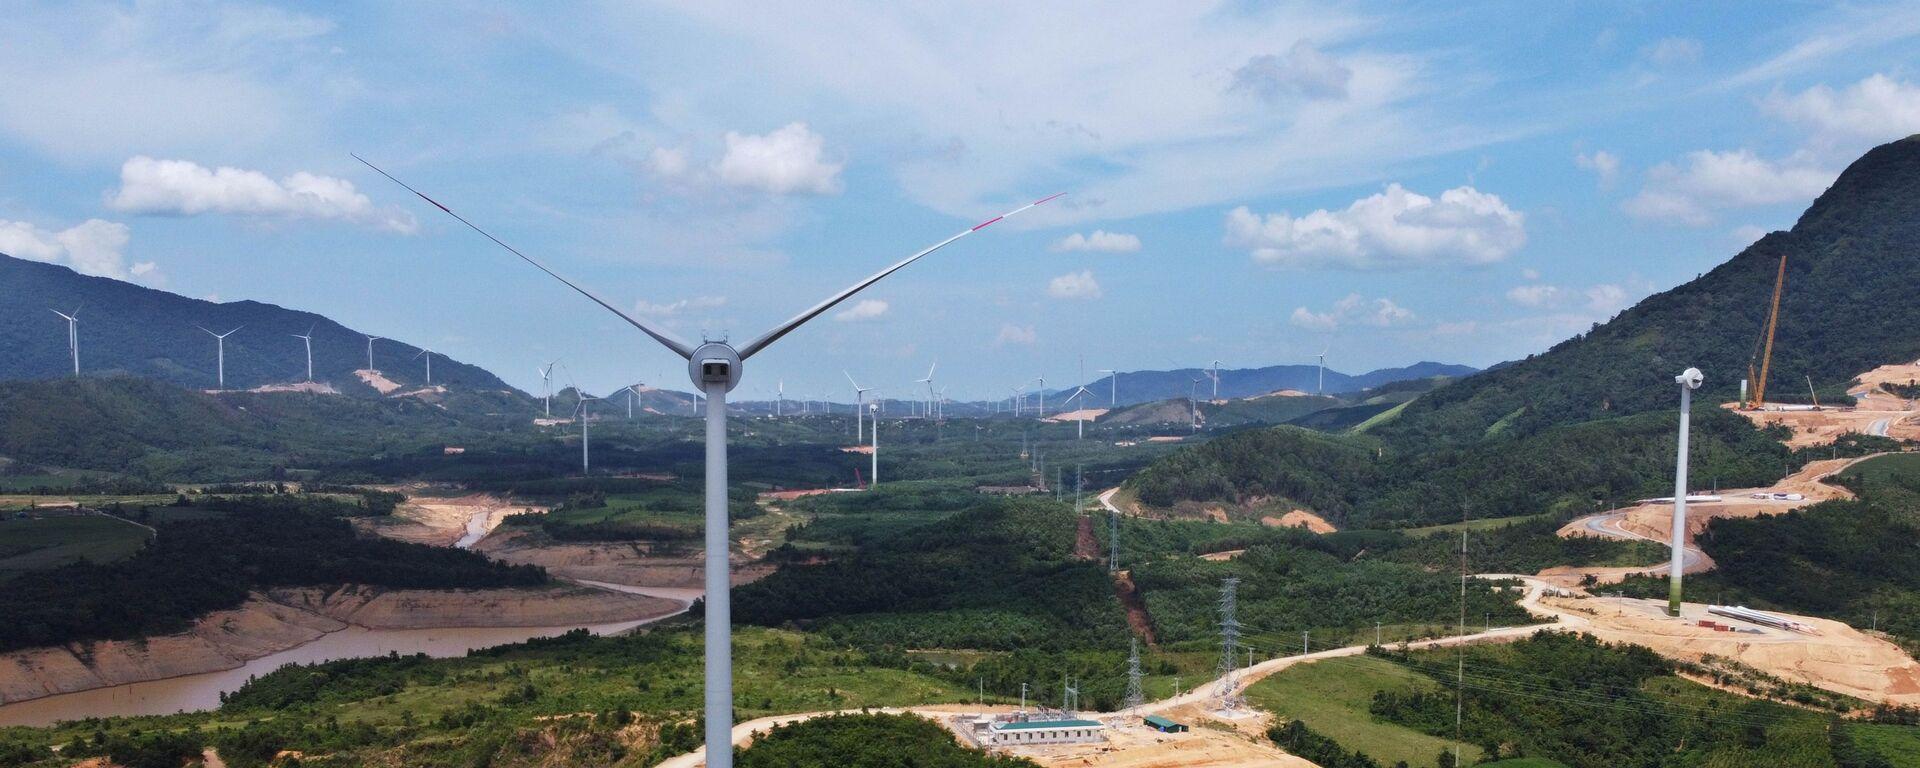 Cánh đồng điện gió ở huyện Hướng Hóa (Quảng Trị). - Sputnik Việt Nam, 1920, 01.10.2021